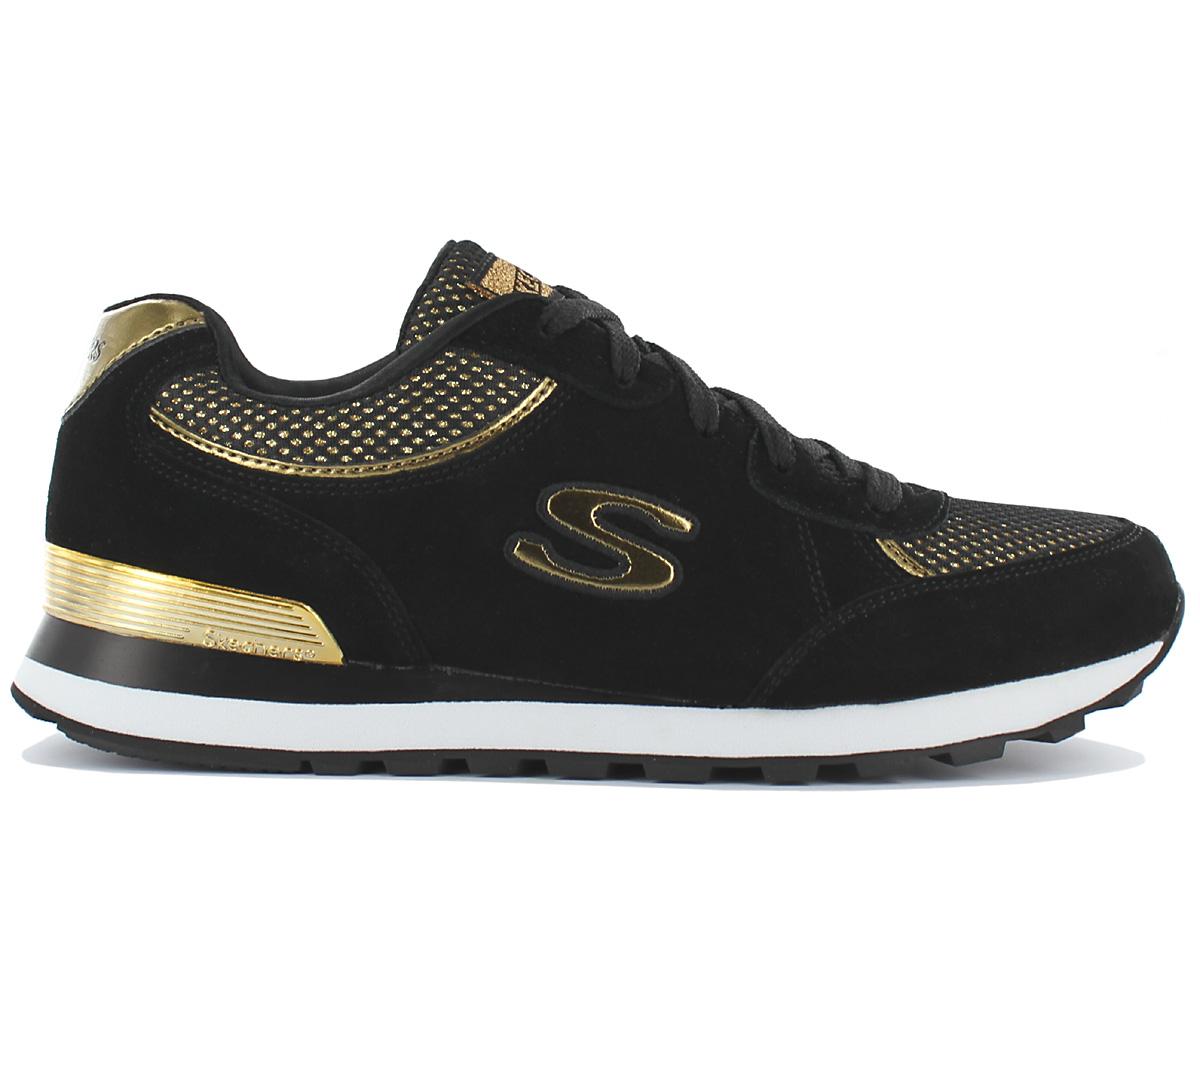 Skechers Damen NEU Sneaker Memory Foam Schuhe Slipper Freizeit Turnschuhe NEU Damen SALE 77339e